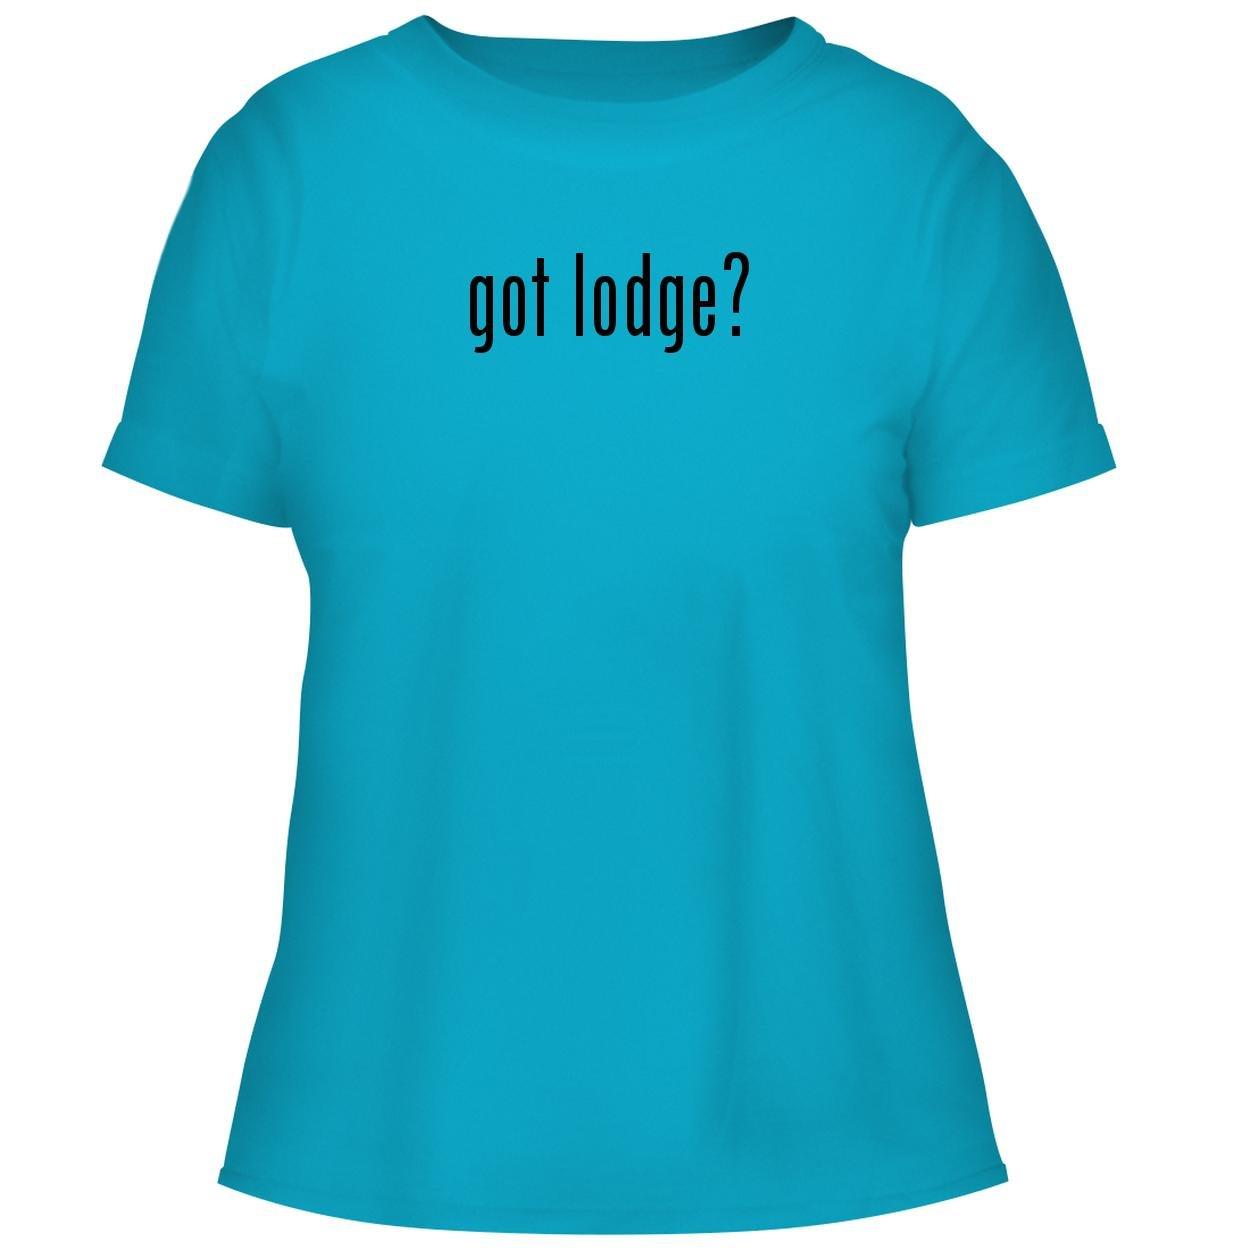 BH Cool Designs got Lodge? - Cute Women